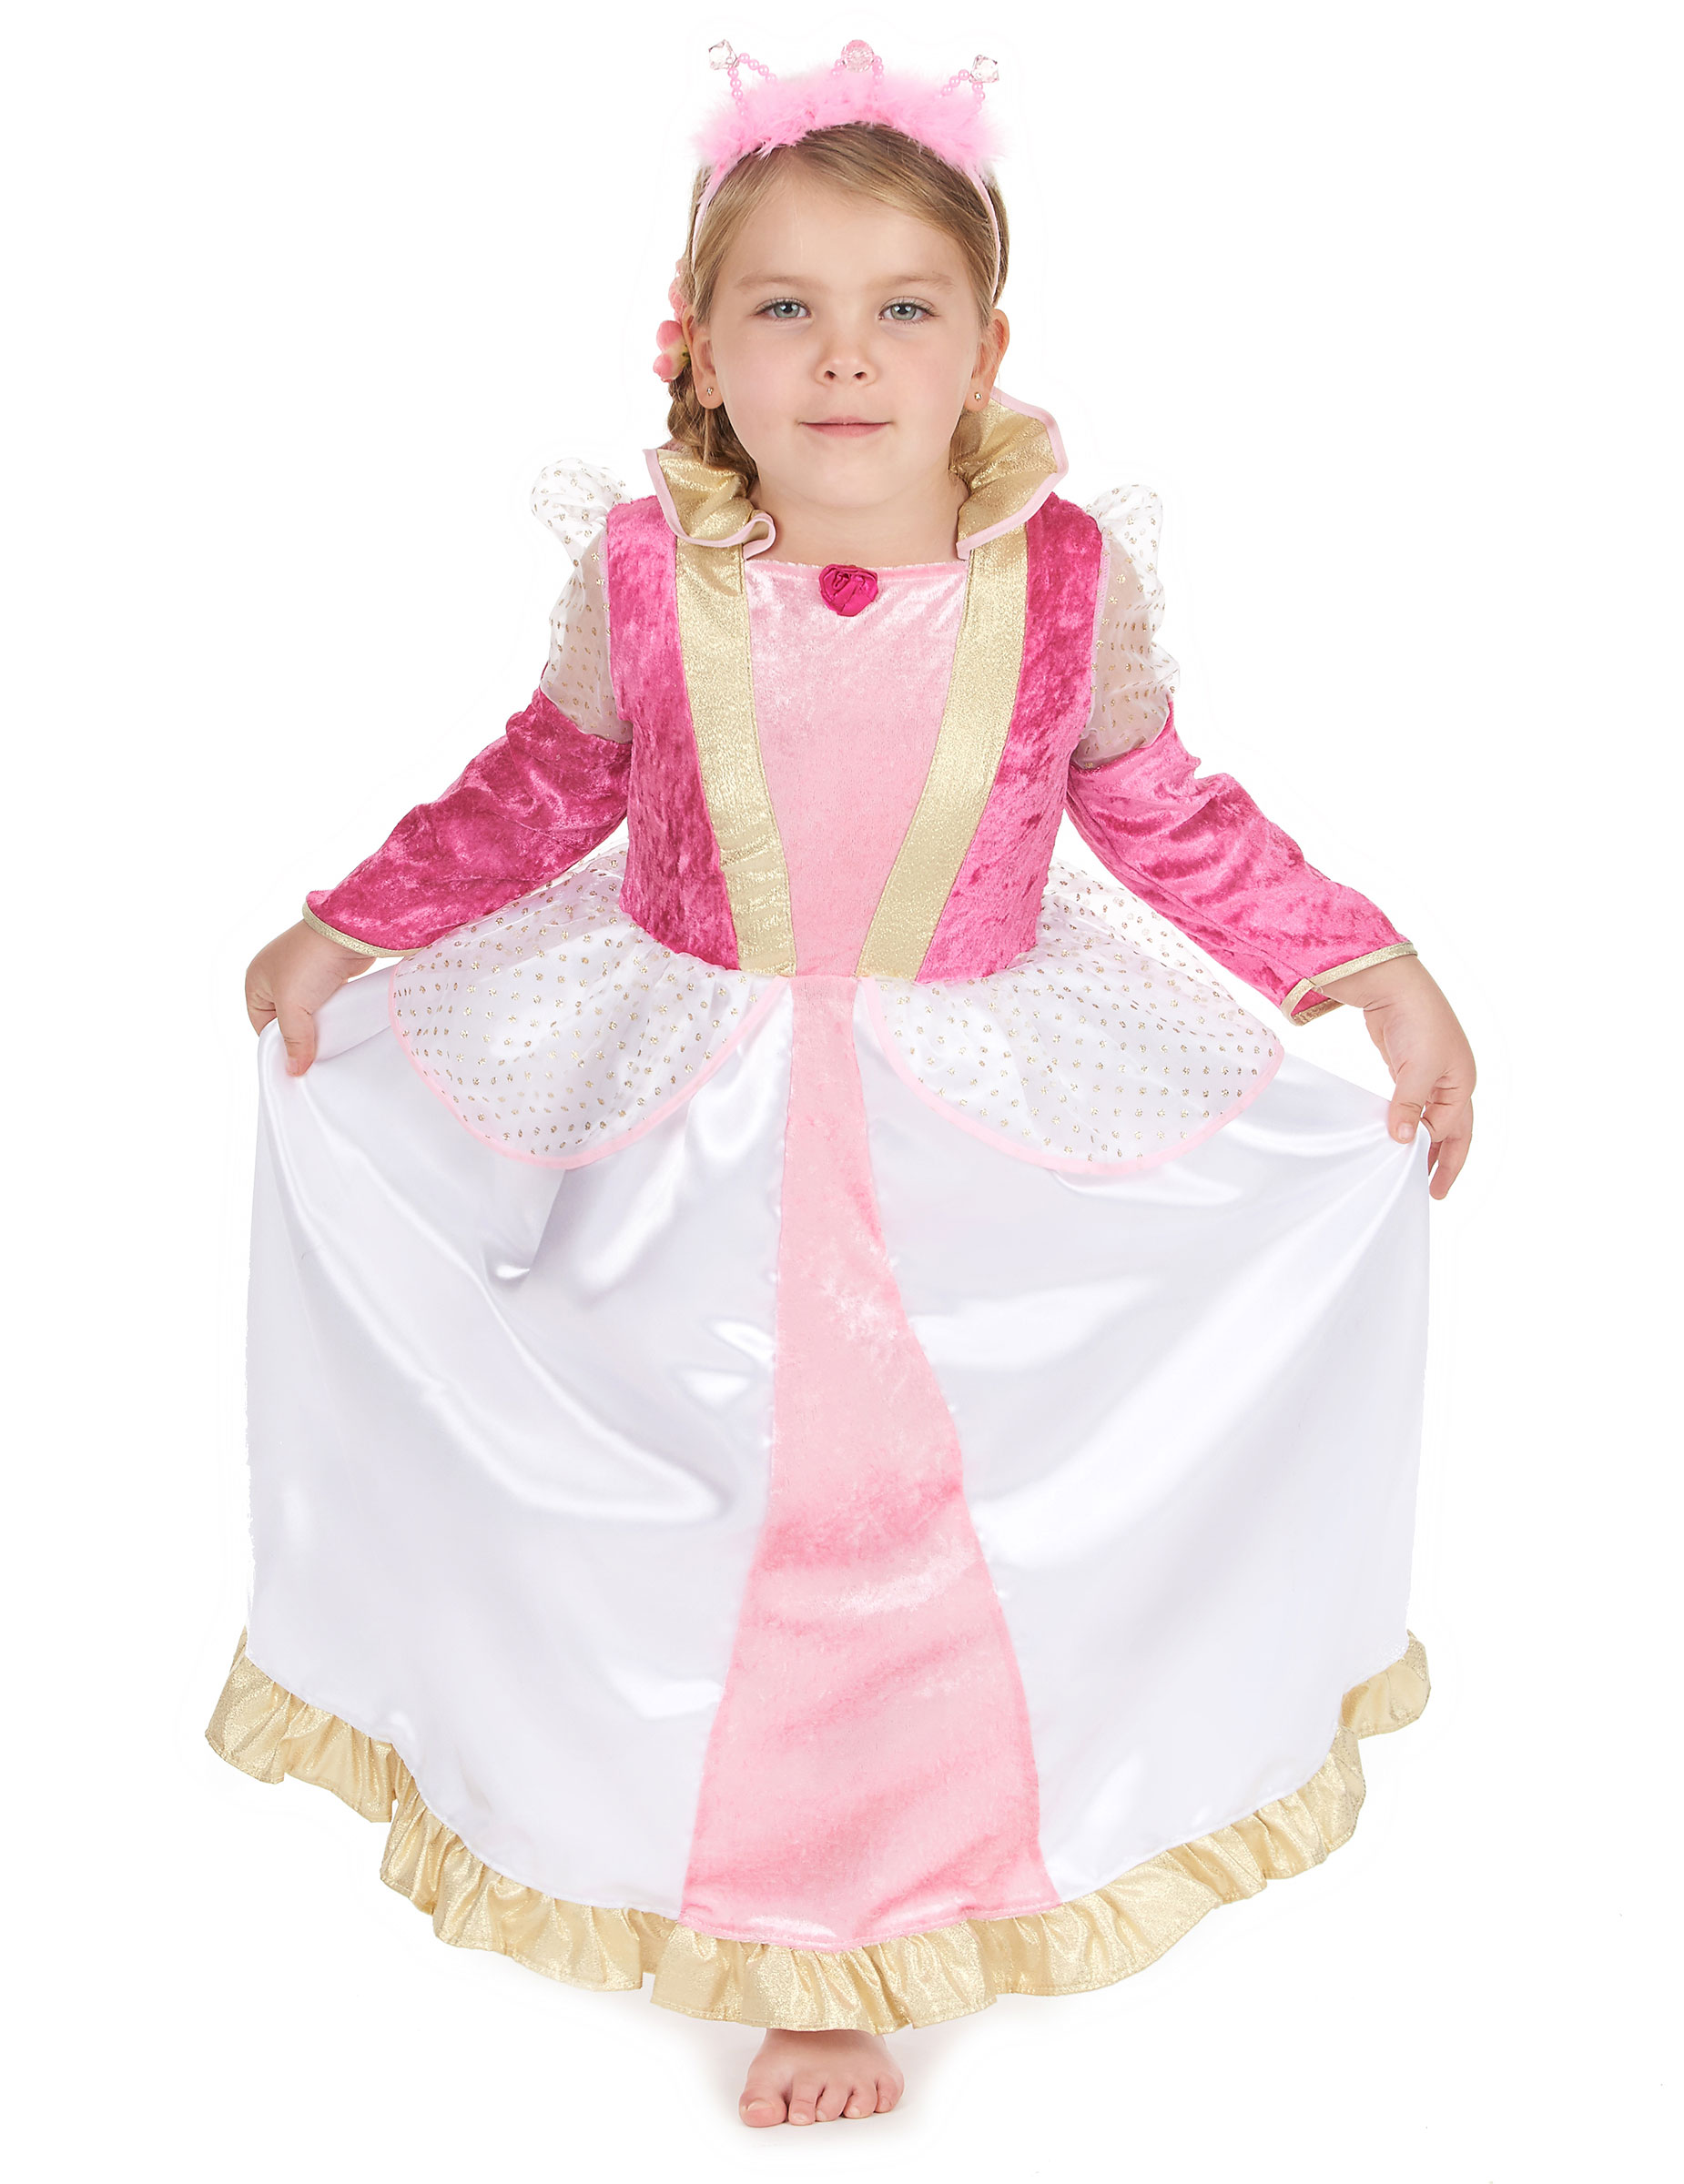 d guisement princesse luxe fille deguise toi achat de d guisements enfants. Black Bedroom Furniture Sets. Home Design Ideas